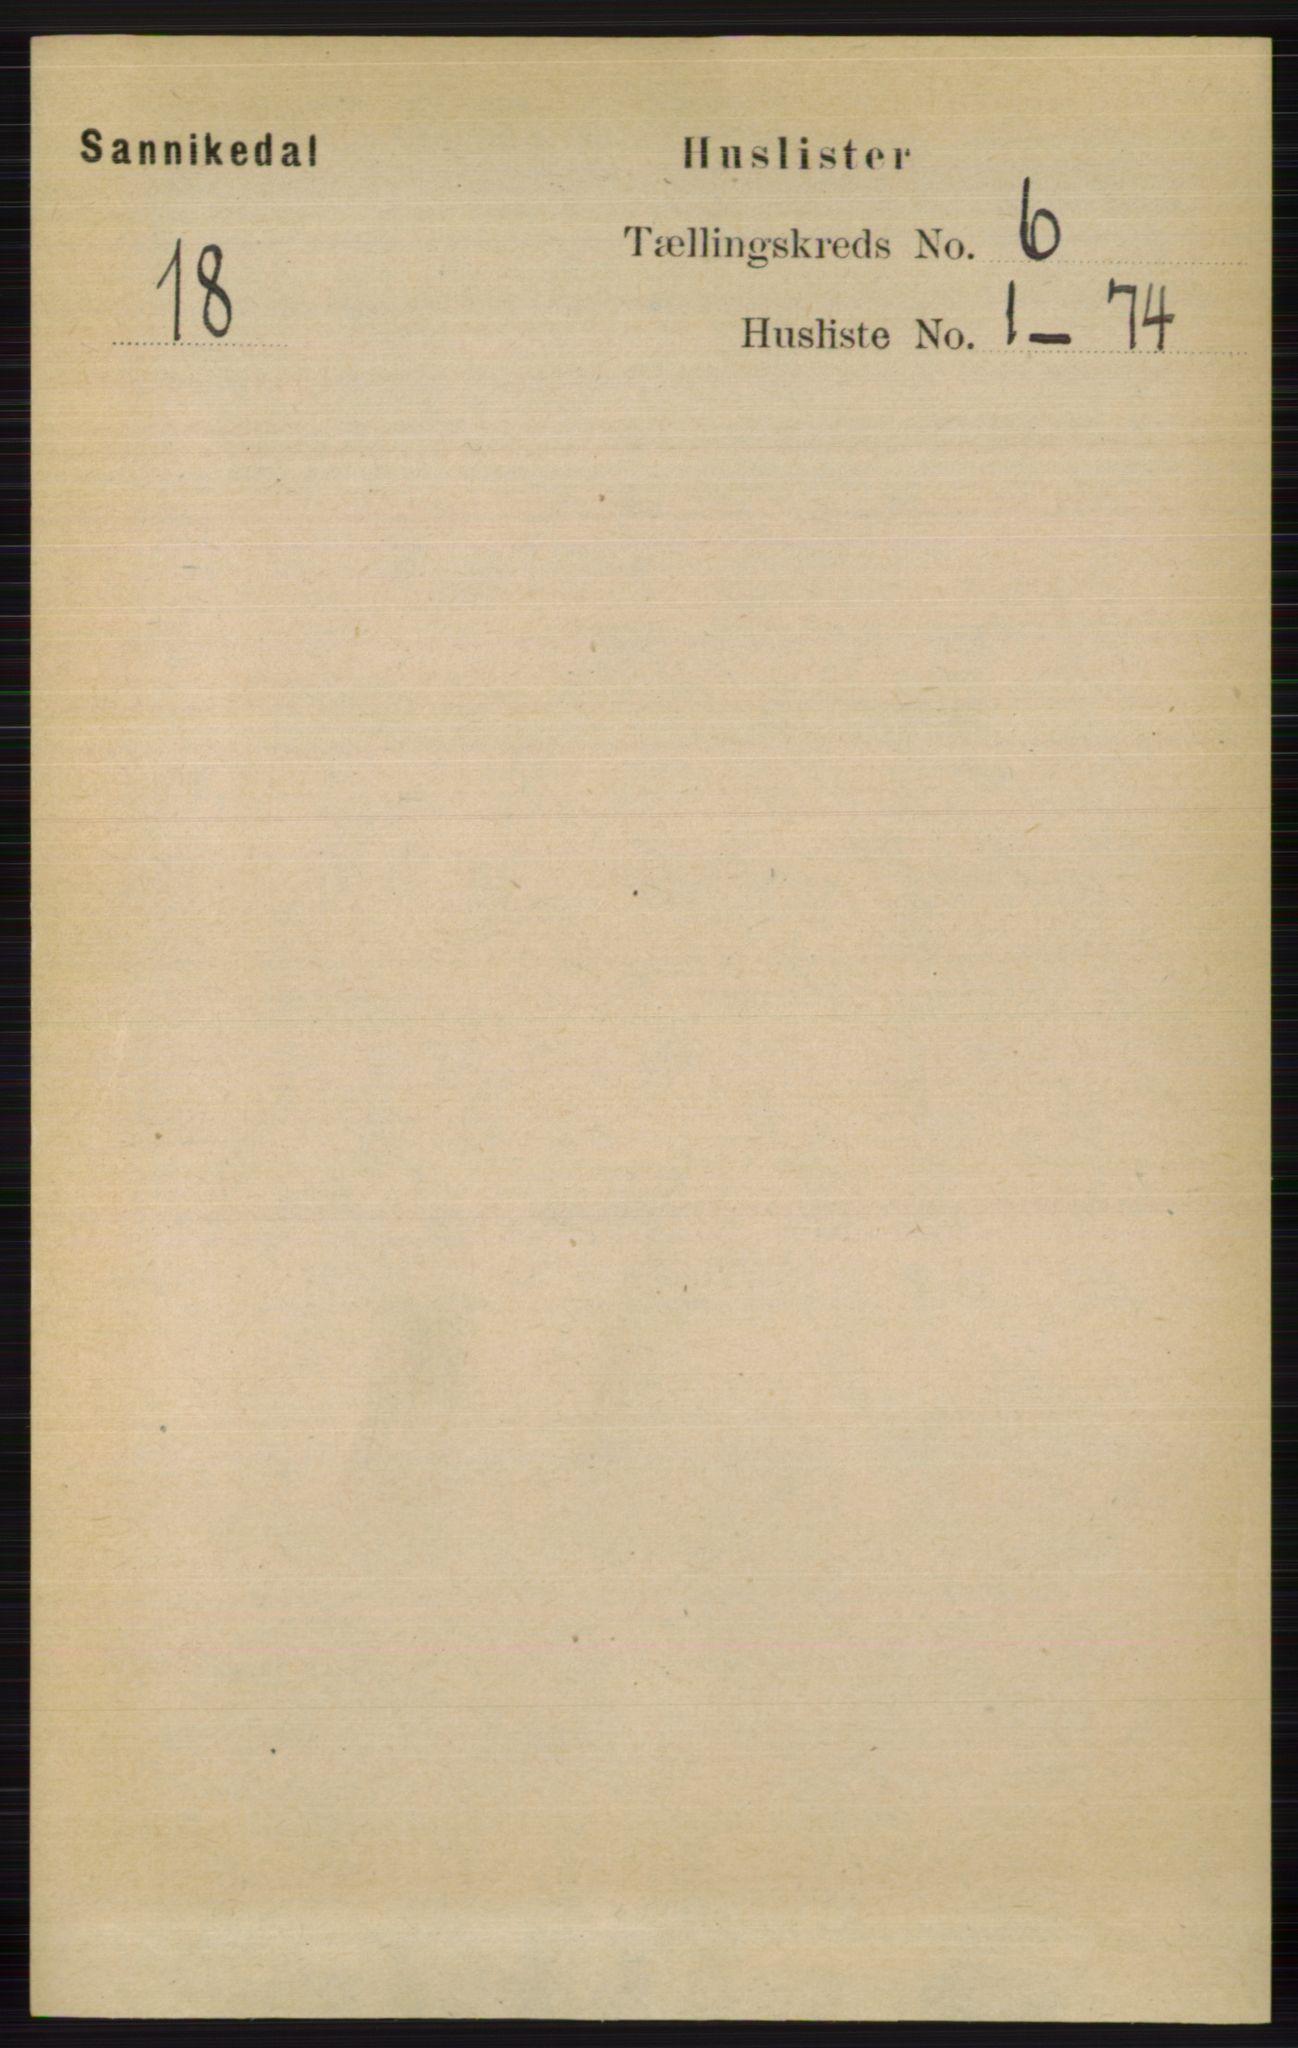 RA, Folketelling 1891 for 0816 Sannidal herred, 1891, s. 2475